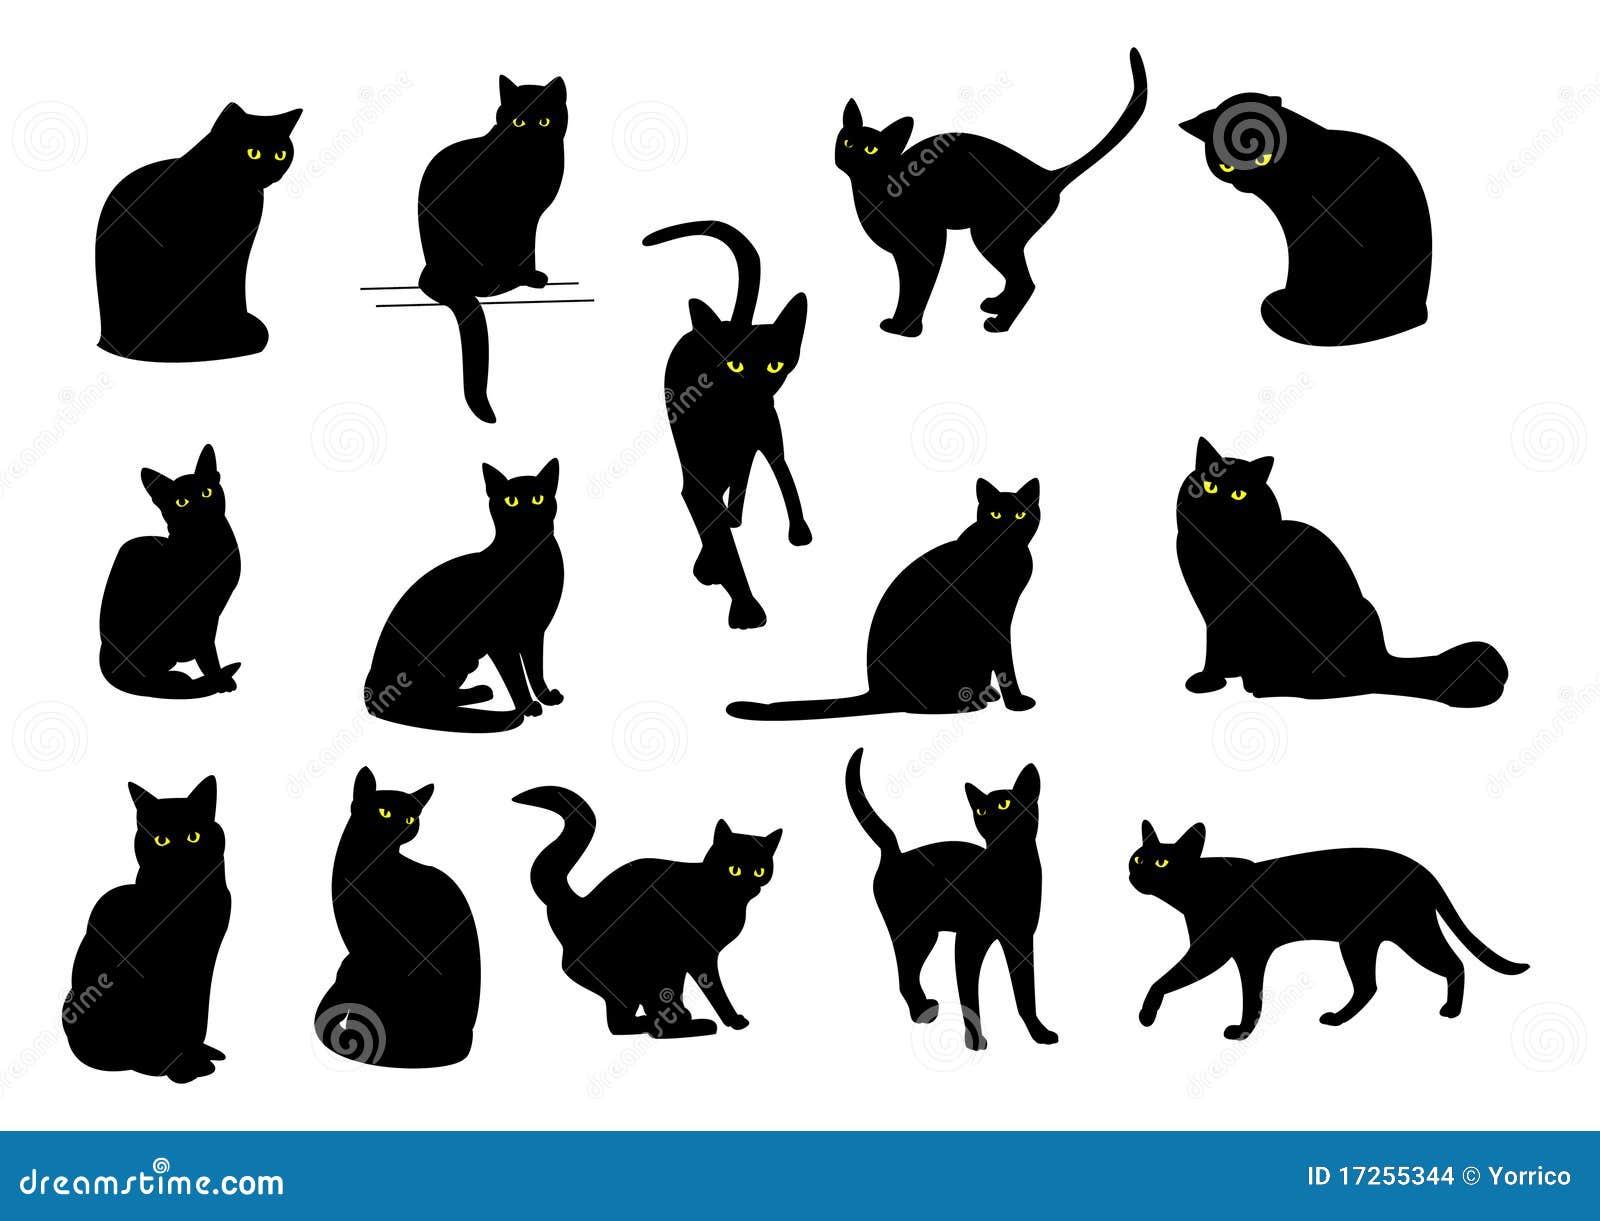 Black Cat Silhouettes ...